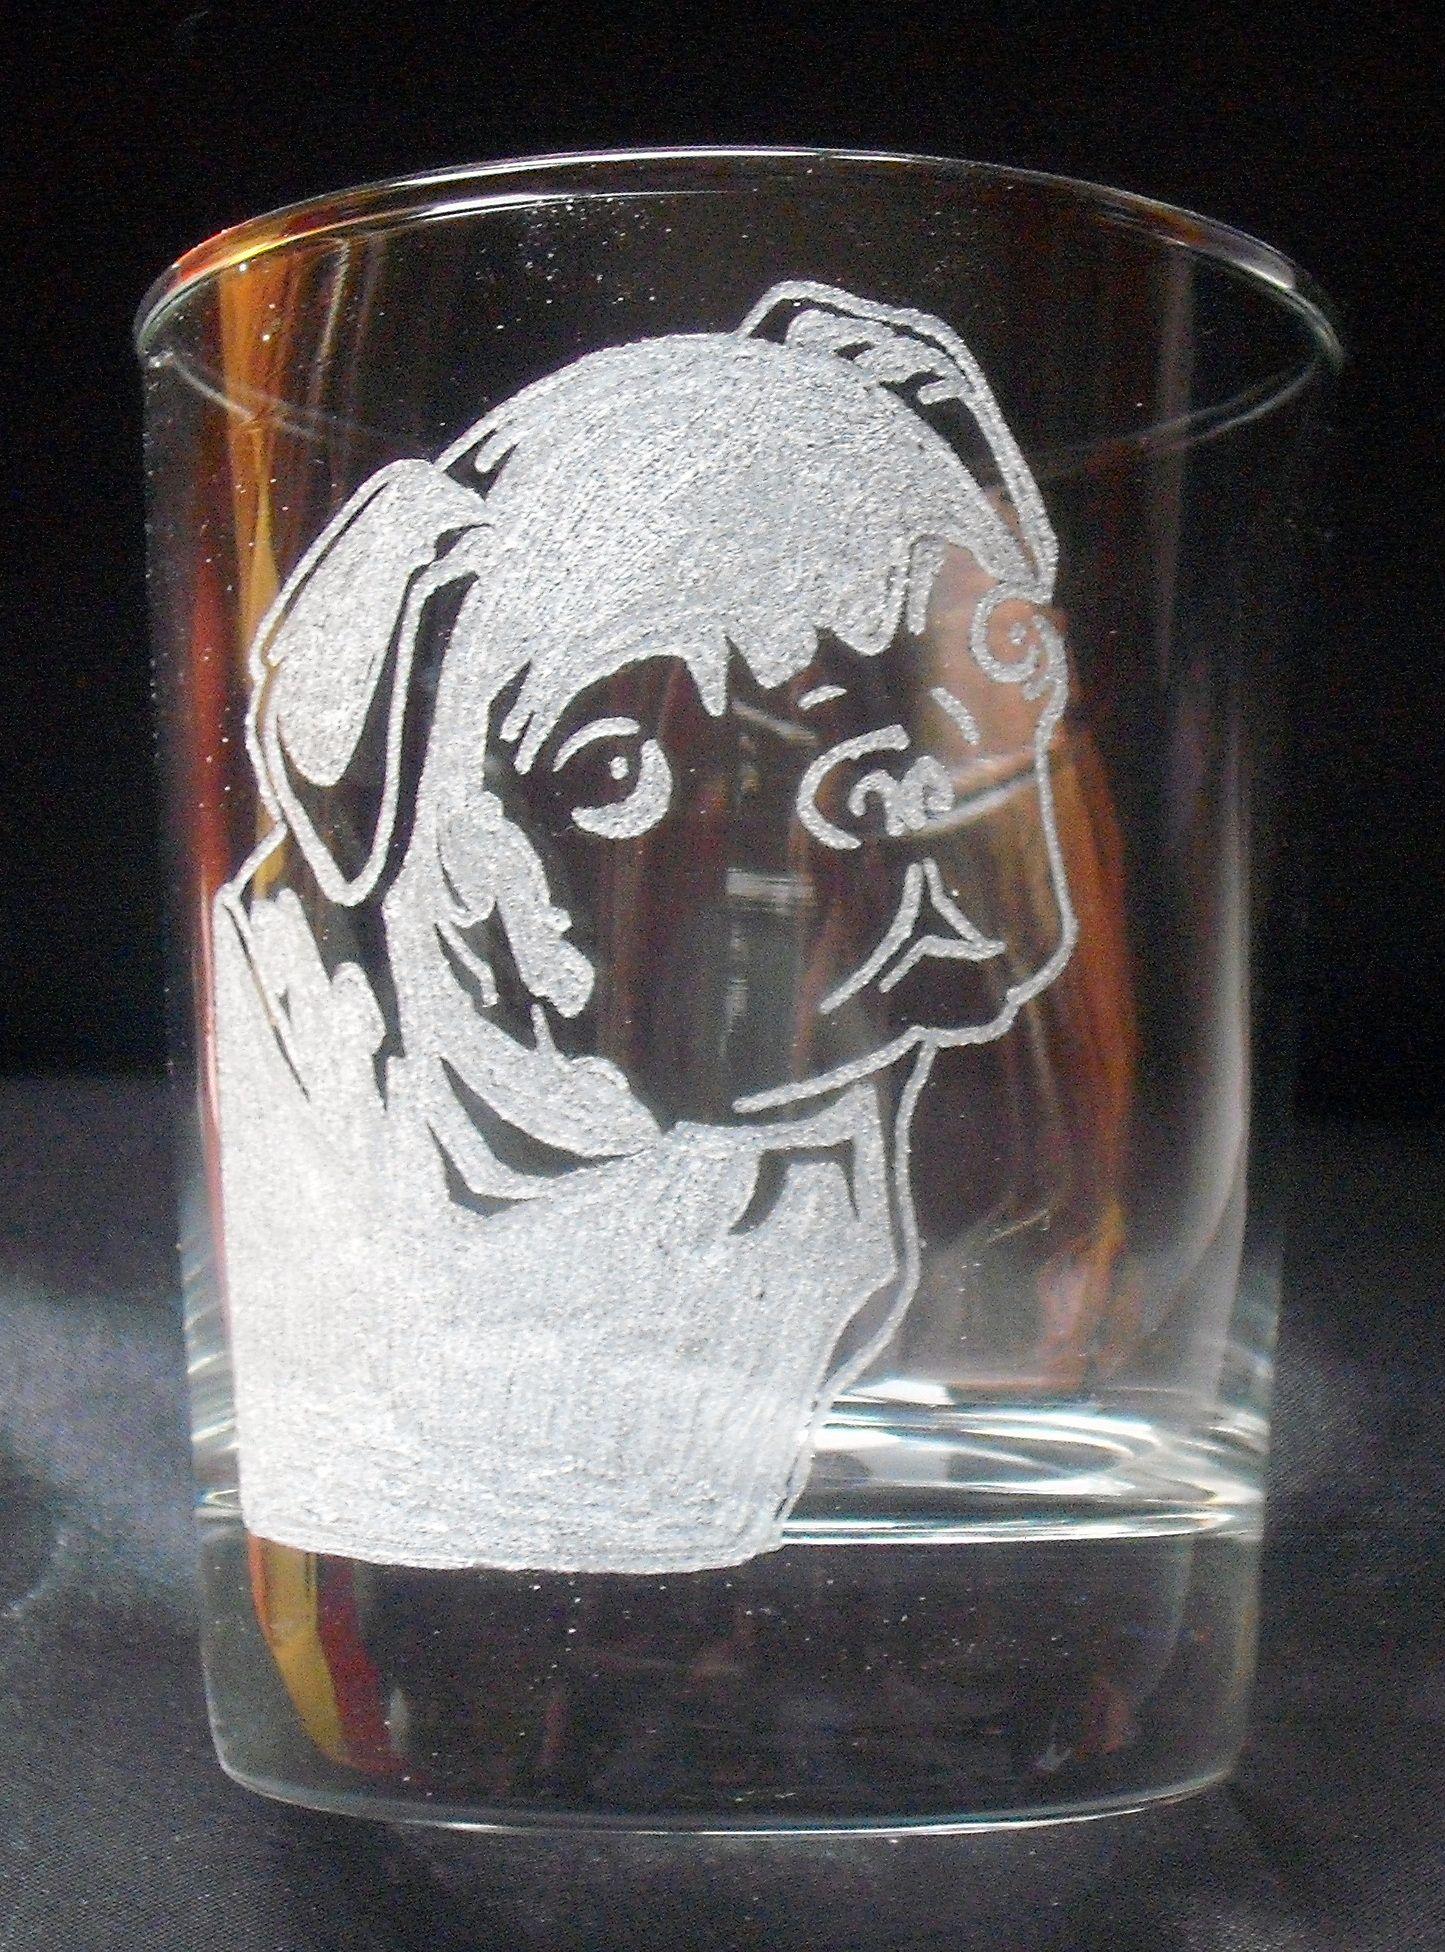 Gravures Sur Verre concernant gravure sur verre chien bouldogue | gravure sur verre | pinterest